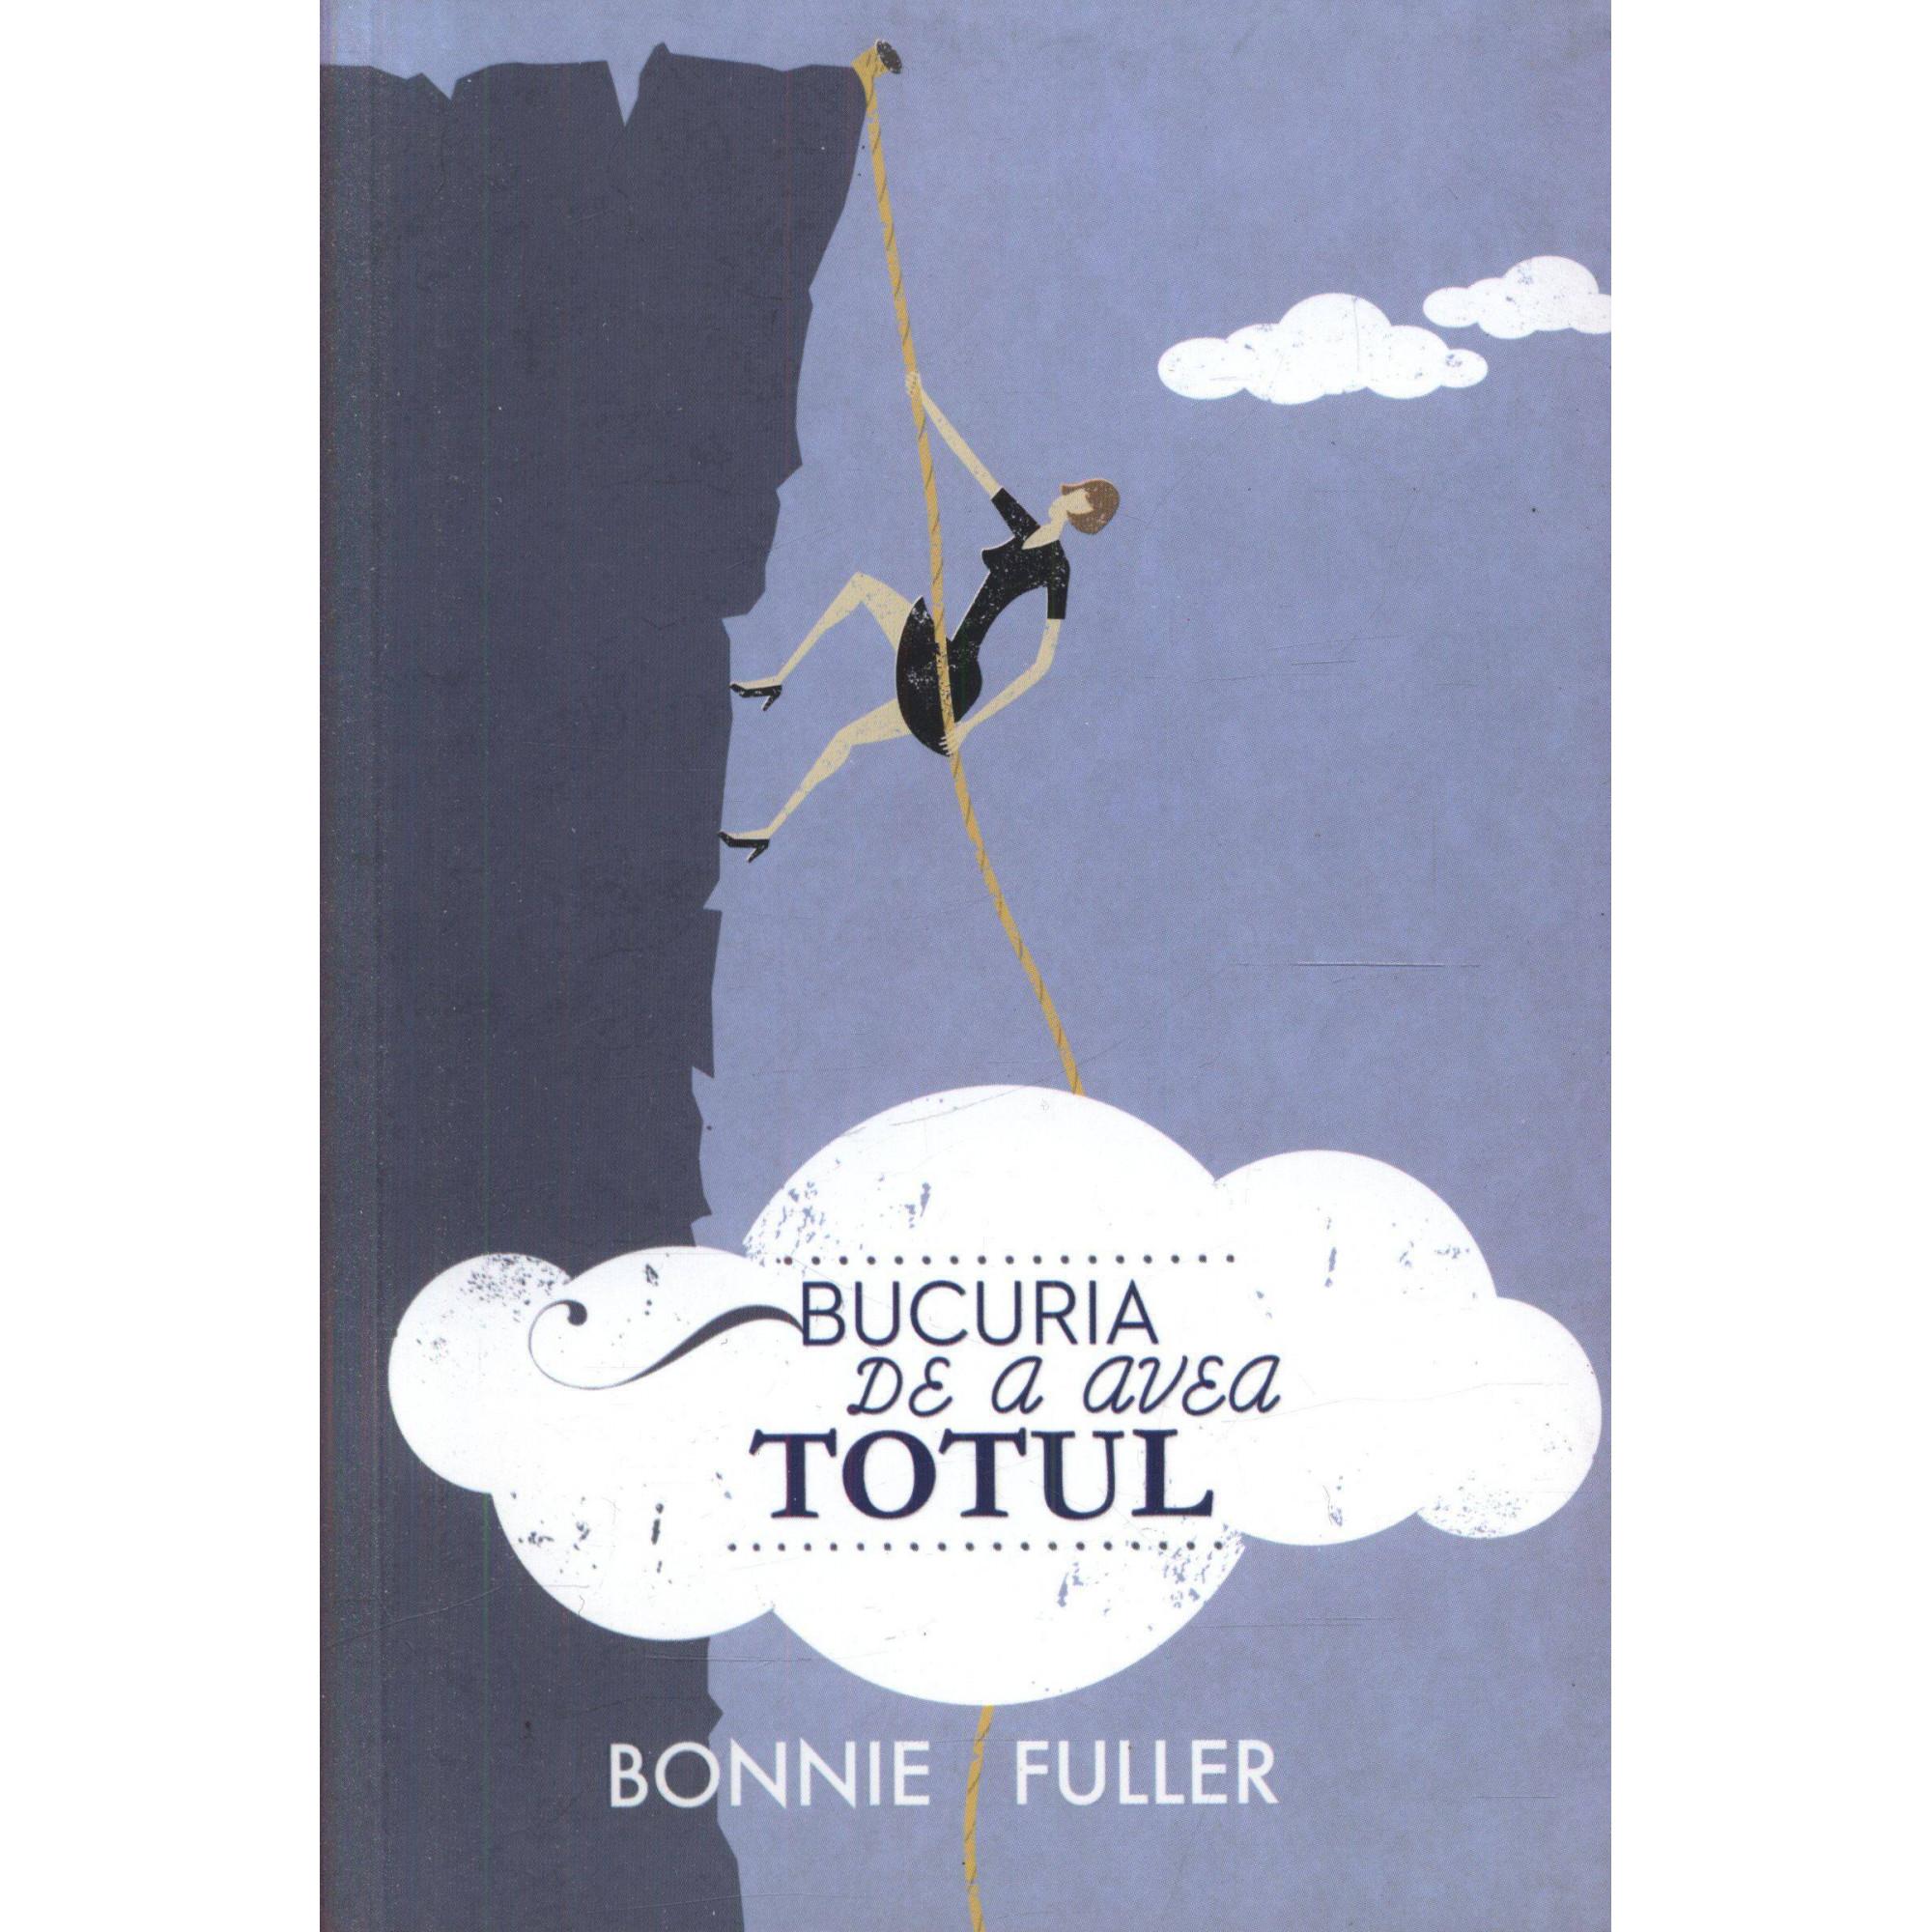 Bucuria de a avea totul; Bonnie Fuller